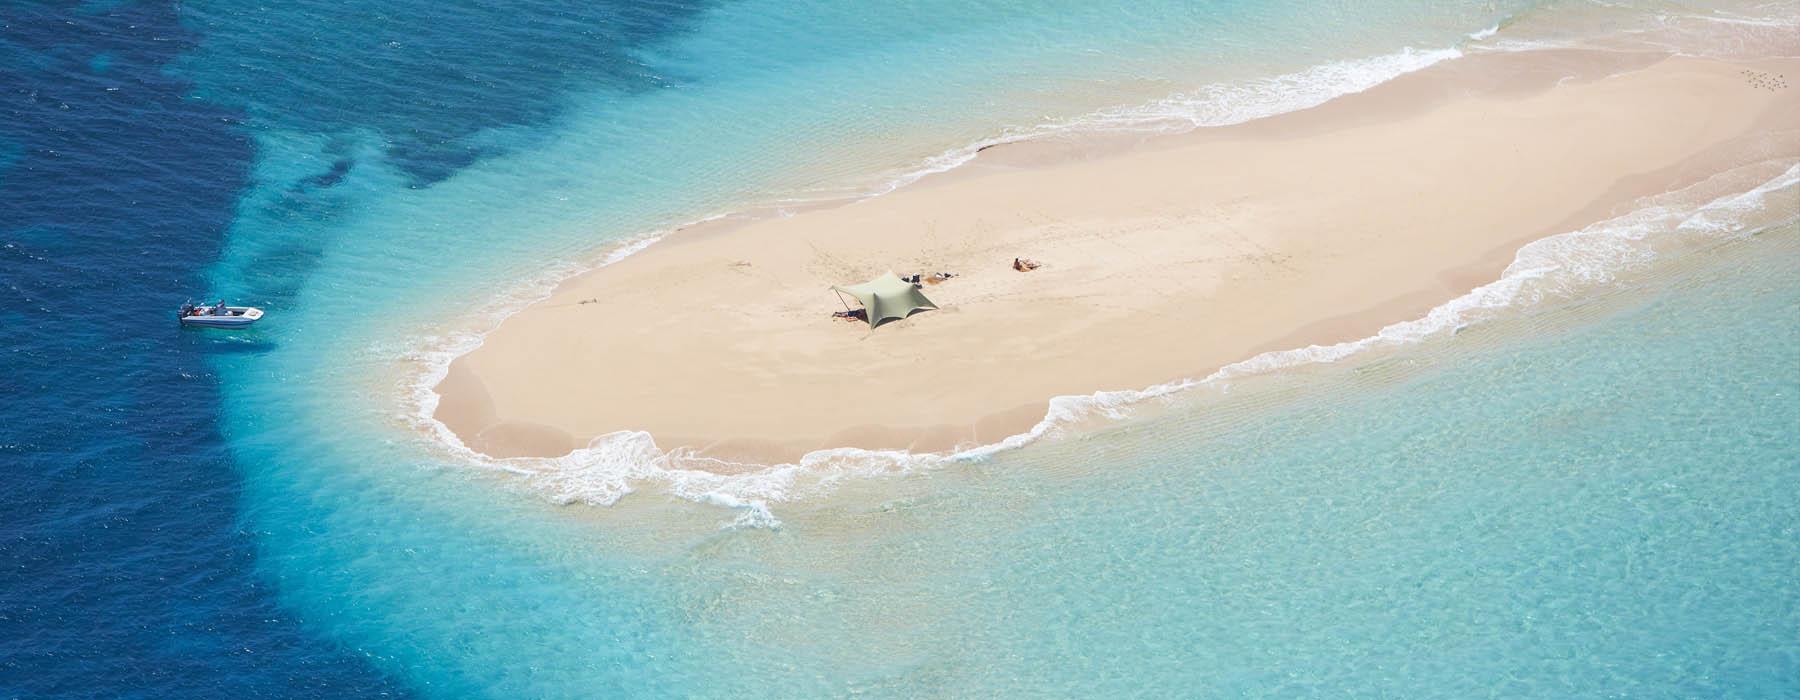 Voyage au mozambique part 3 et fin - 5 6